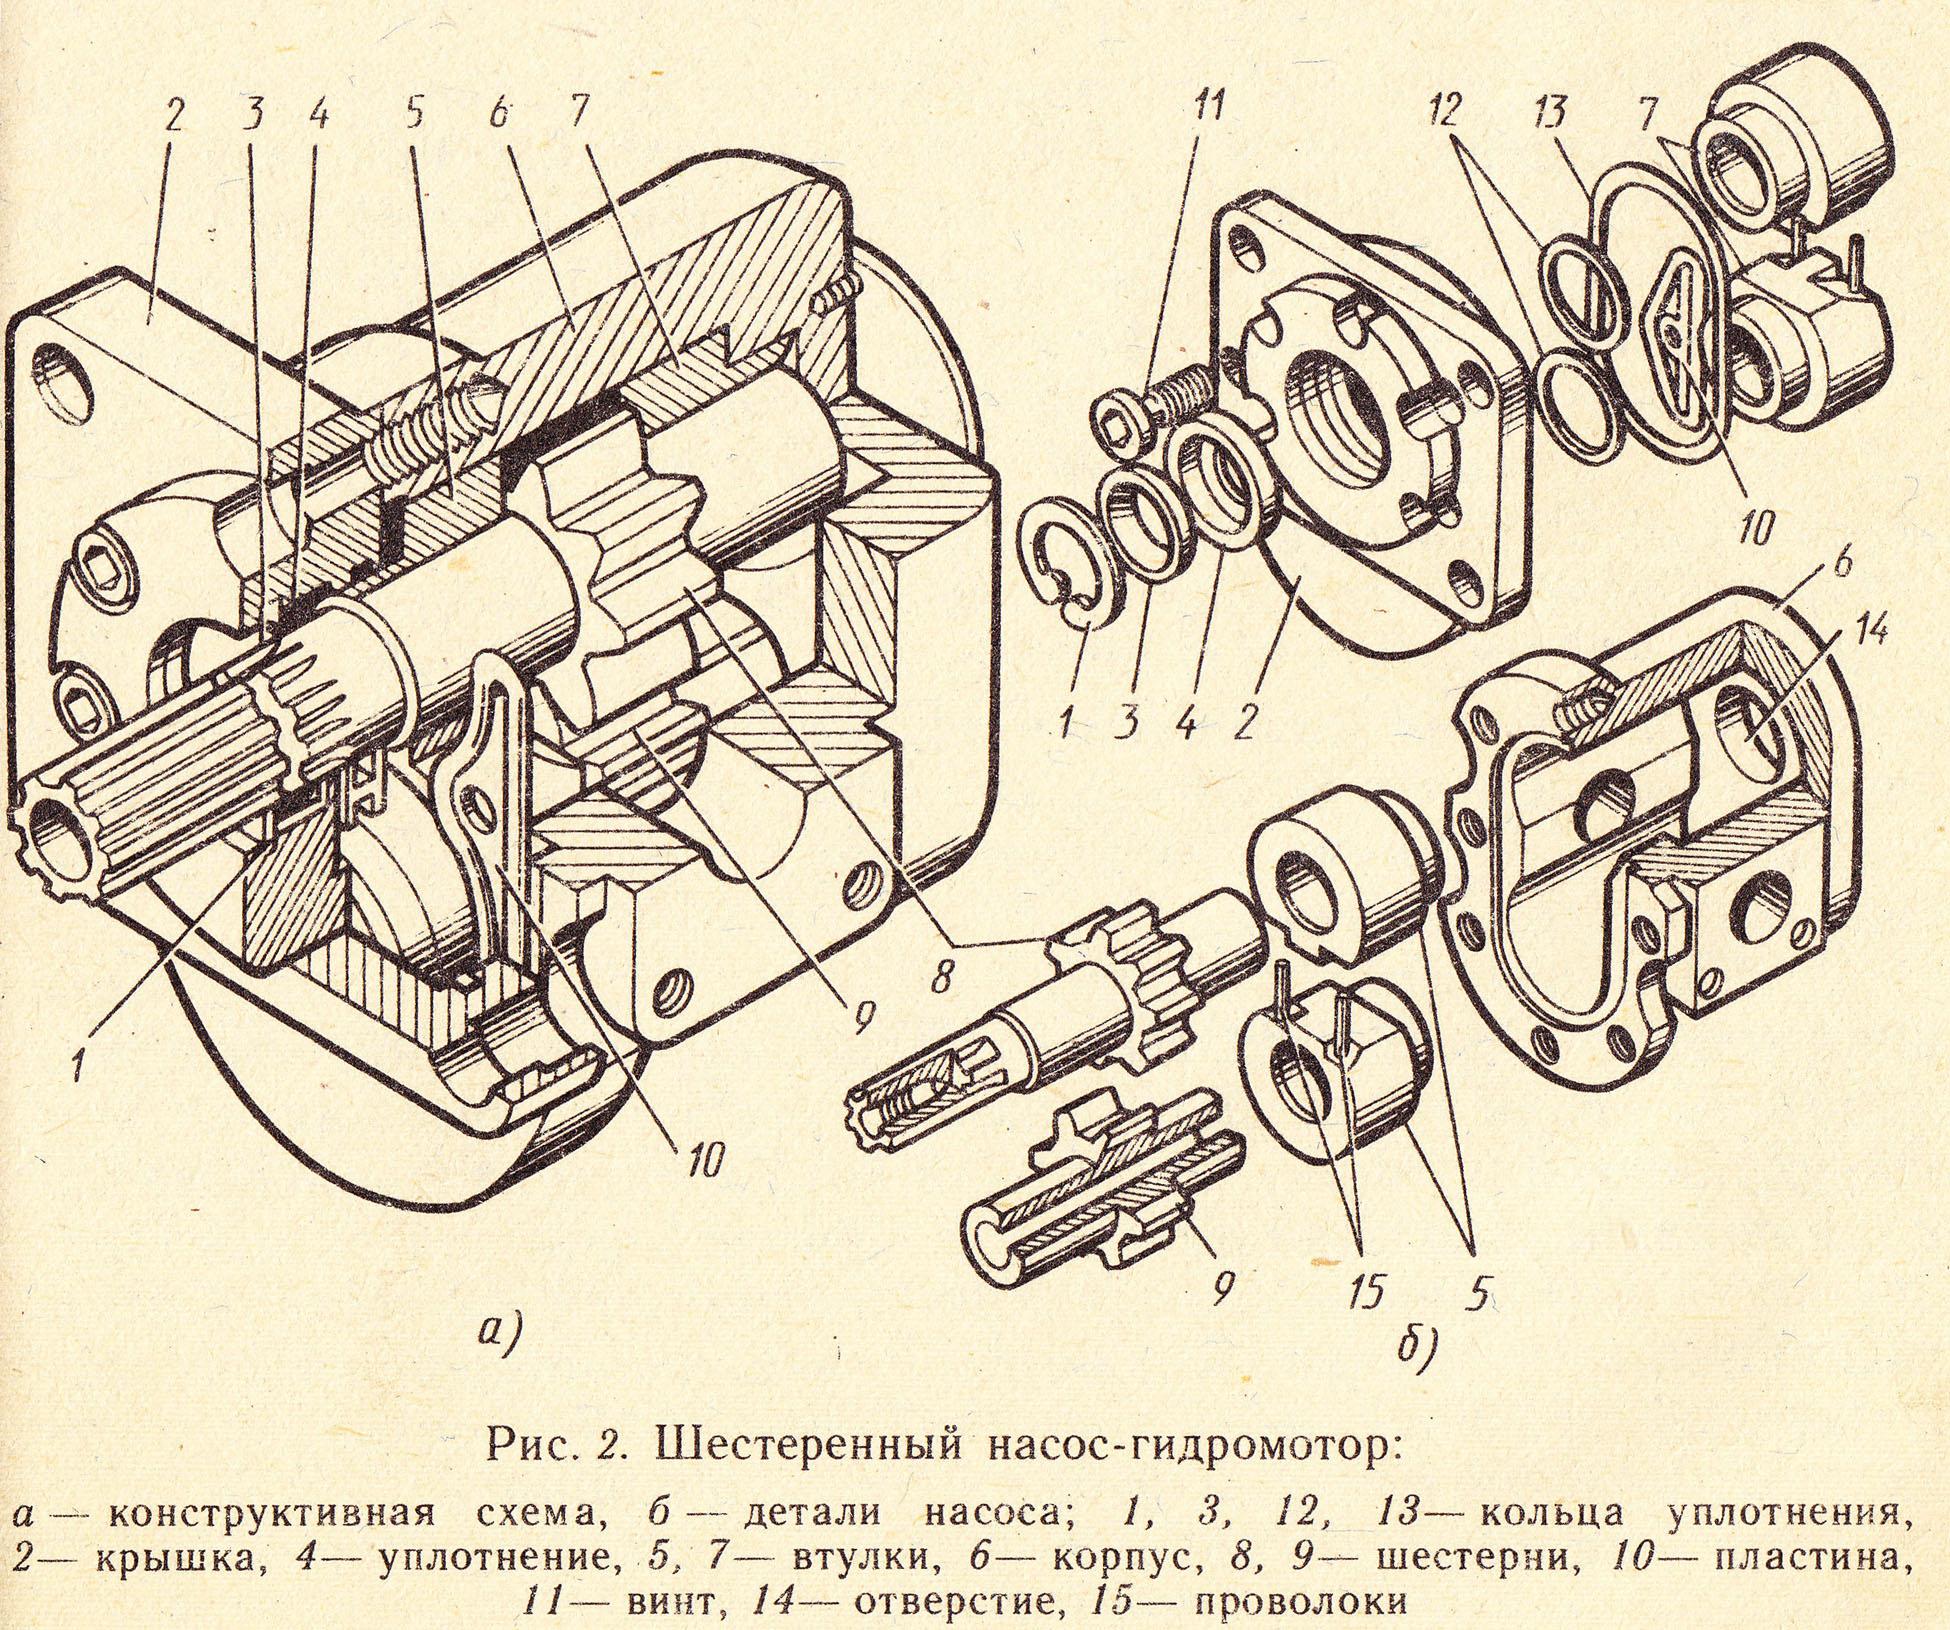 Полная схема шестеренчатого насоса